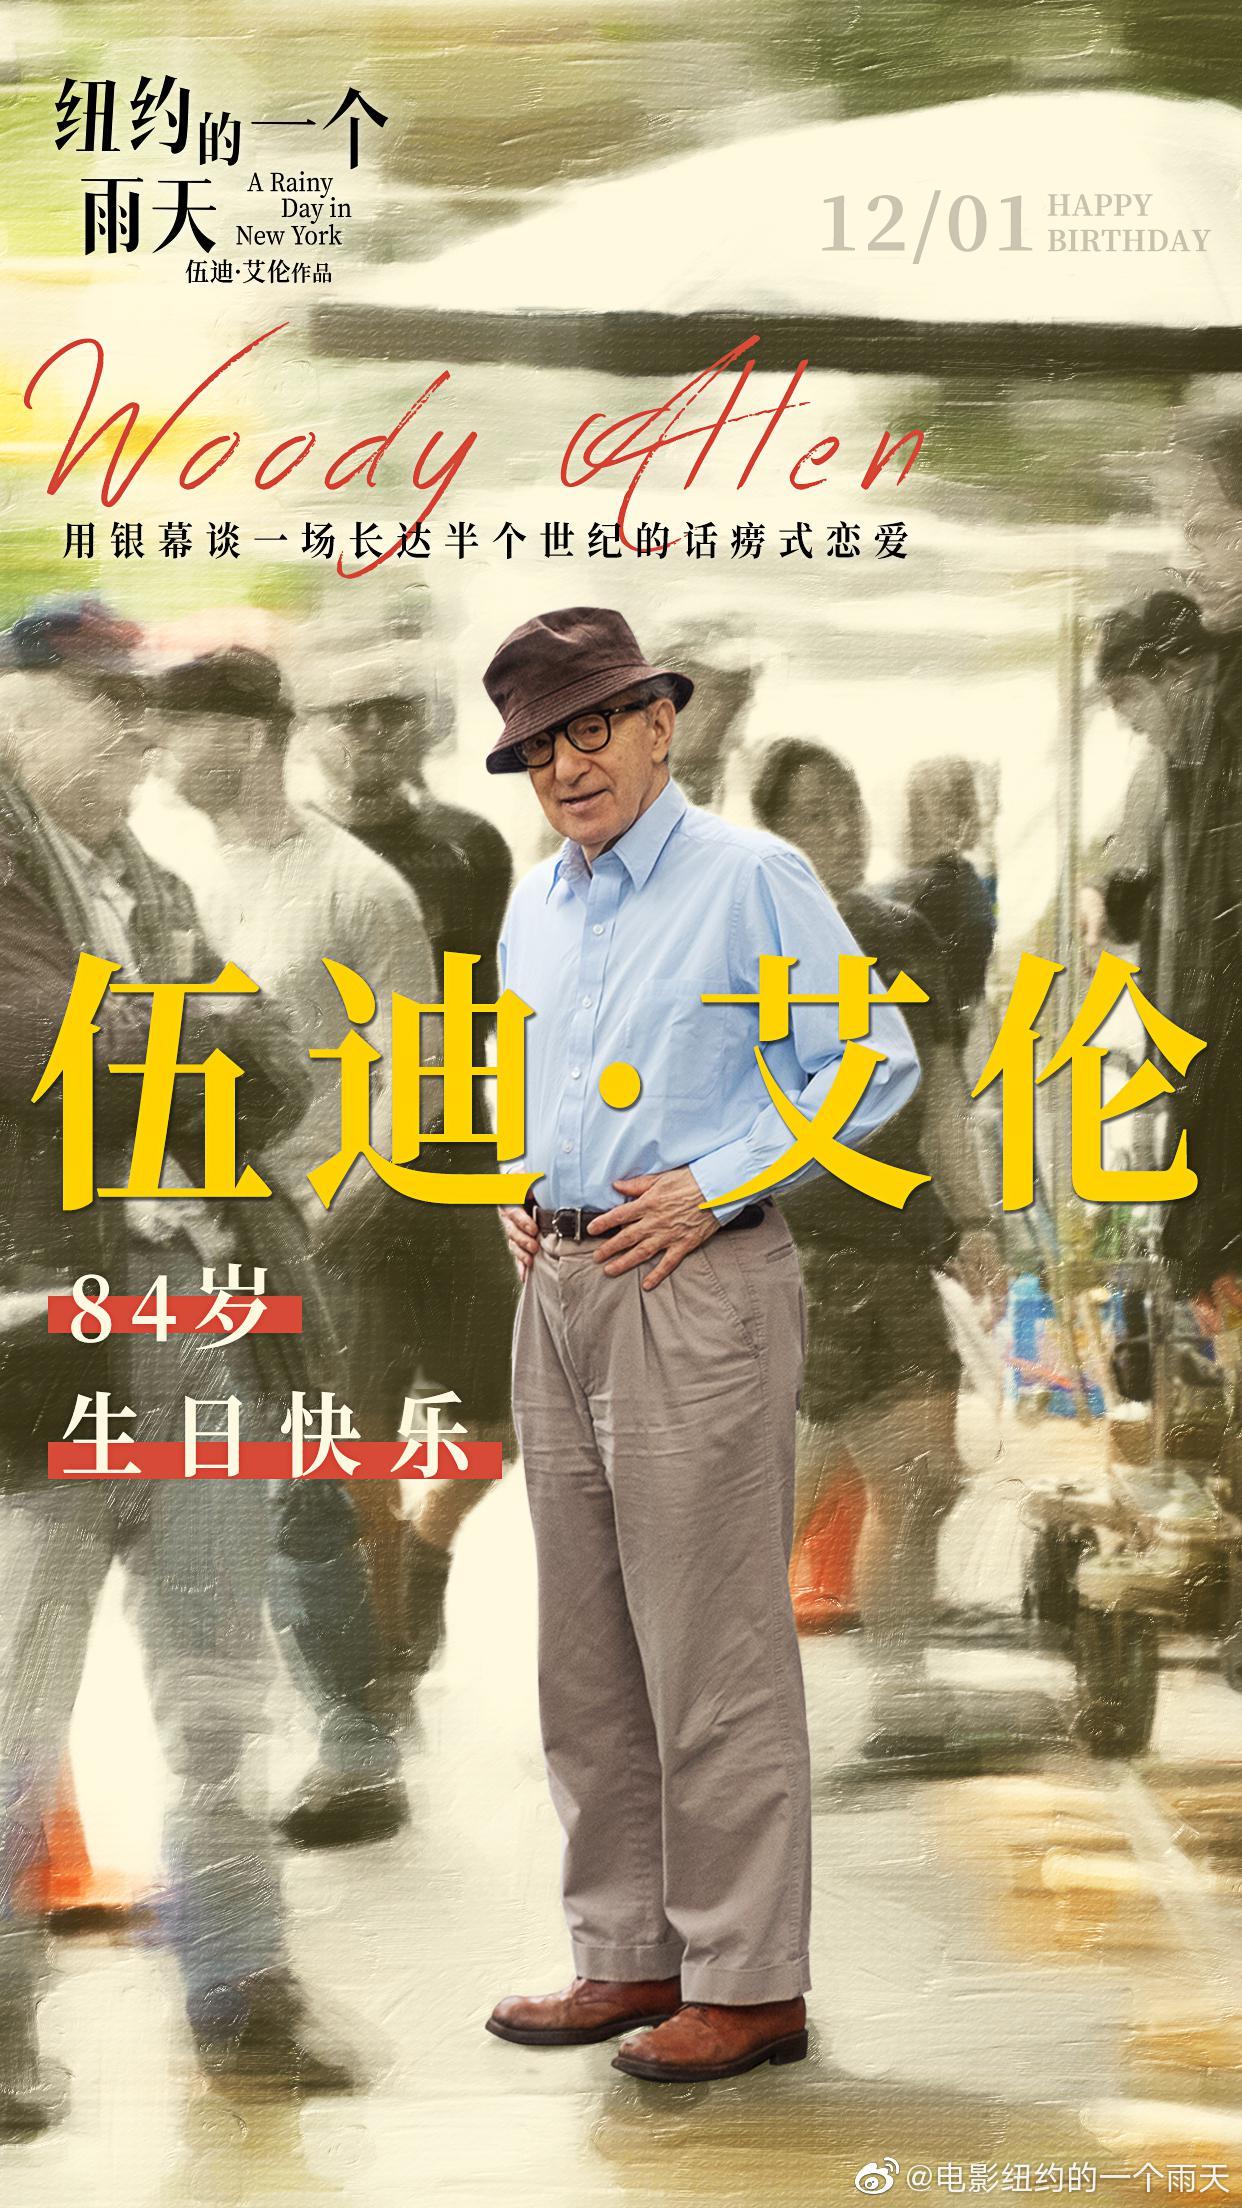 《纽约的一个雨天》开通官微并祝导演伍迪·艾伦84岁生日快乐